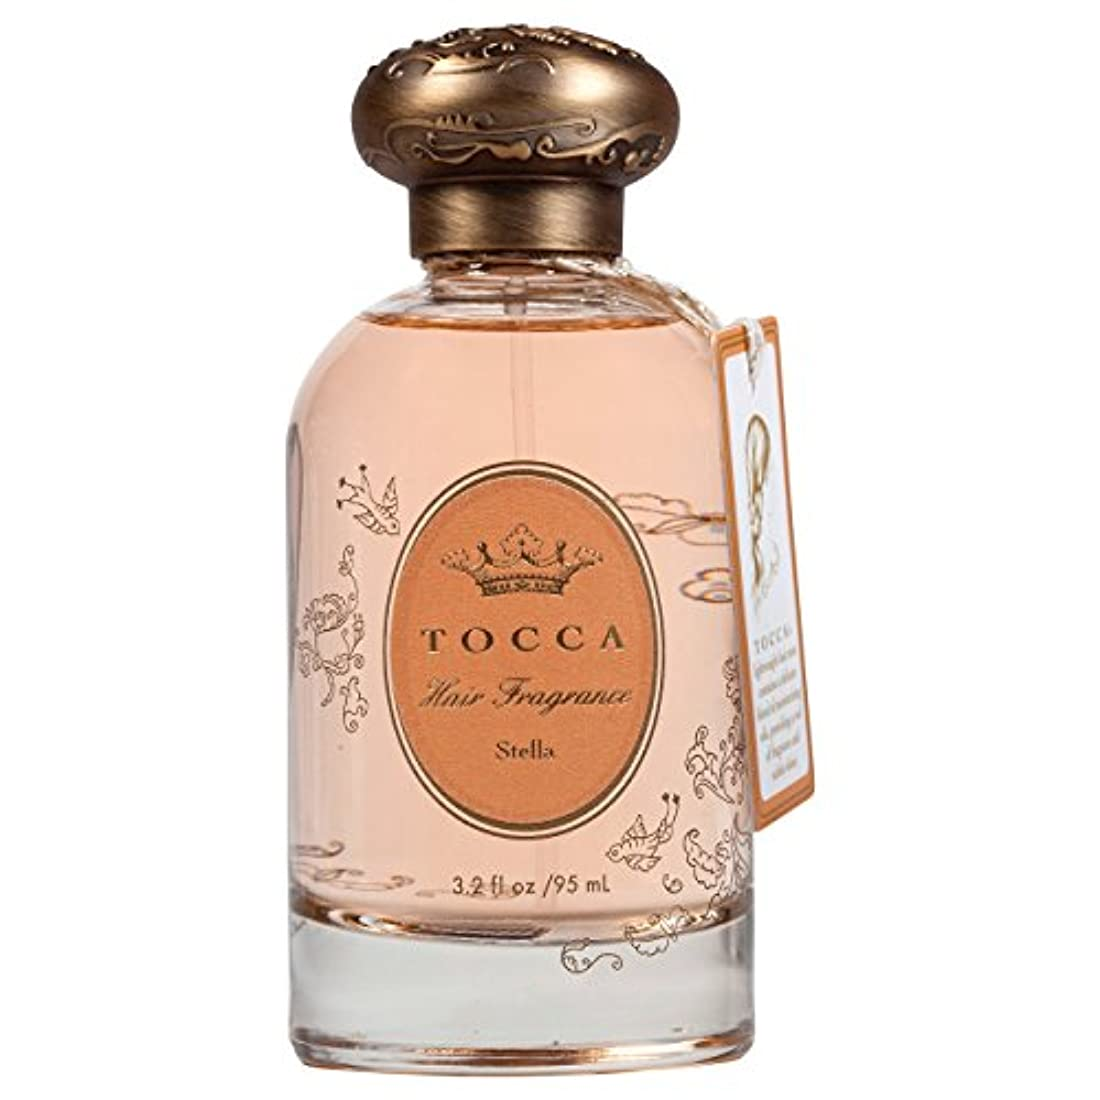 蒸留するパラナ川テロトッカ(TOCCA) ヘアフレグランスミスト ステラの香り 95ml